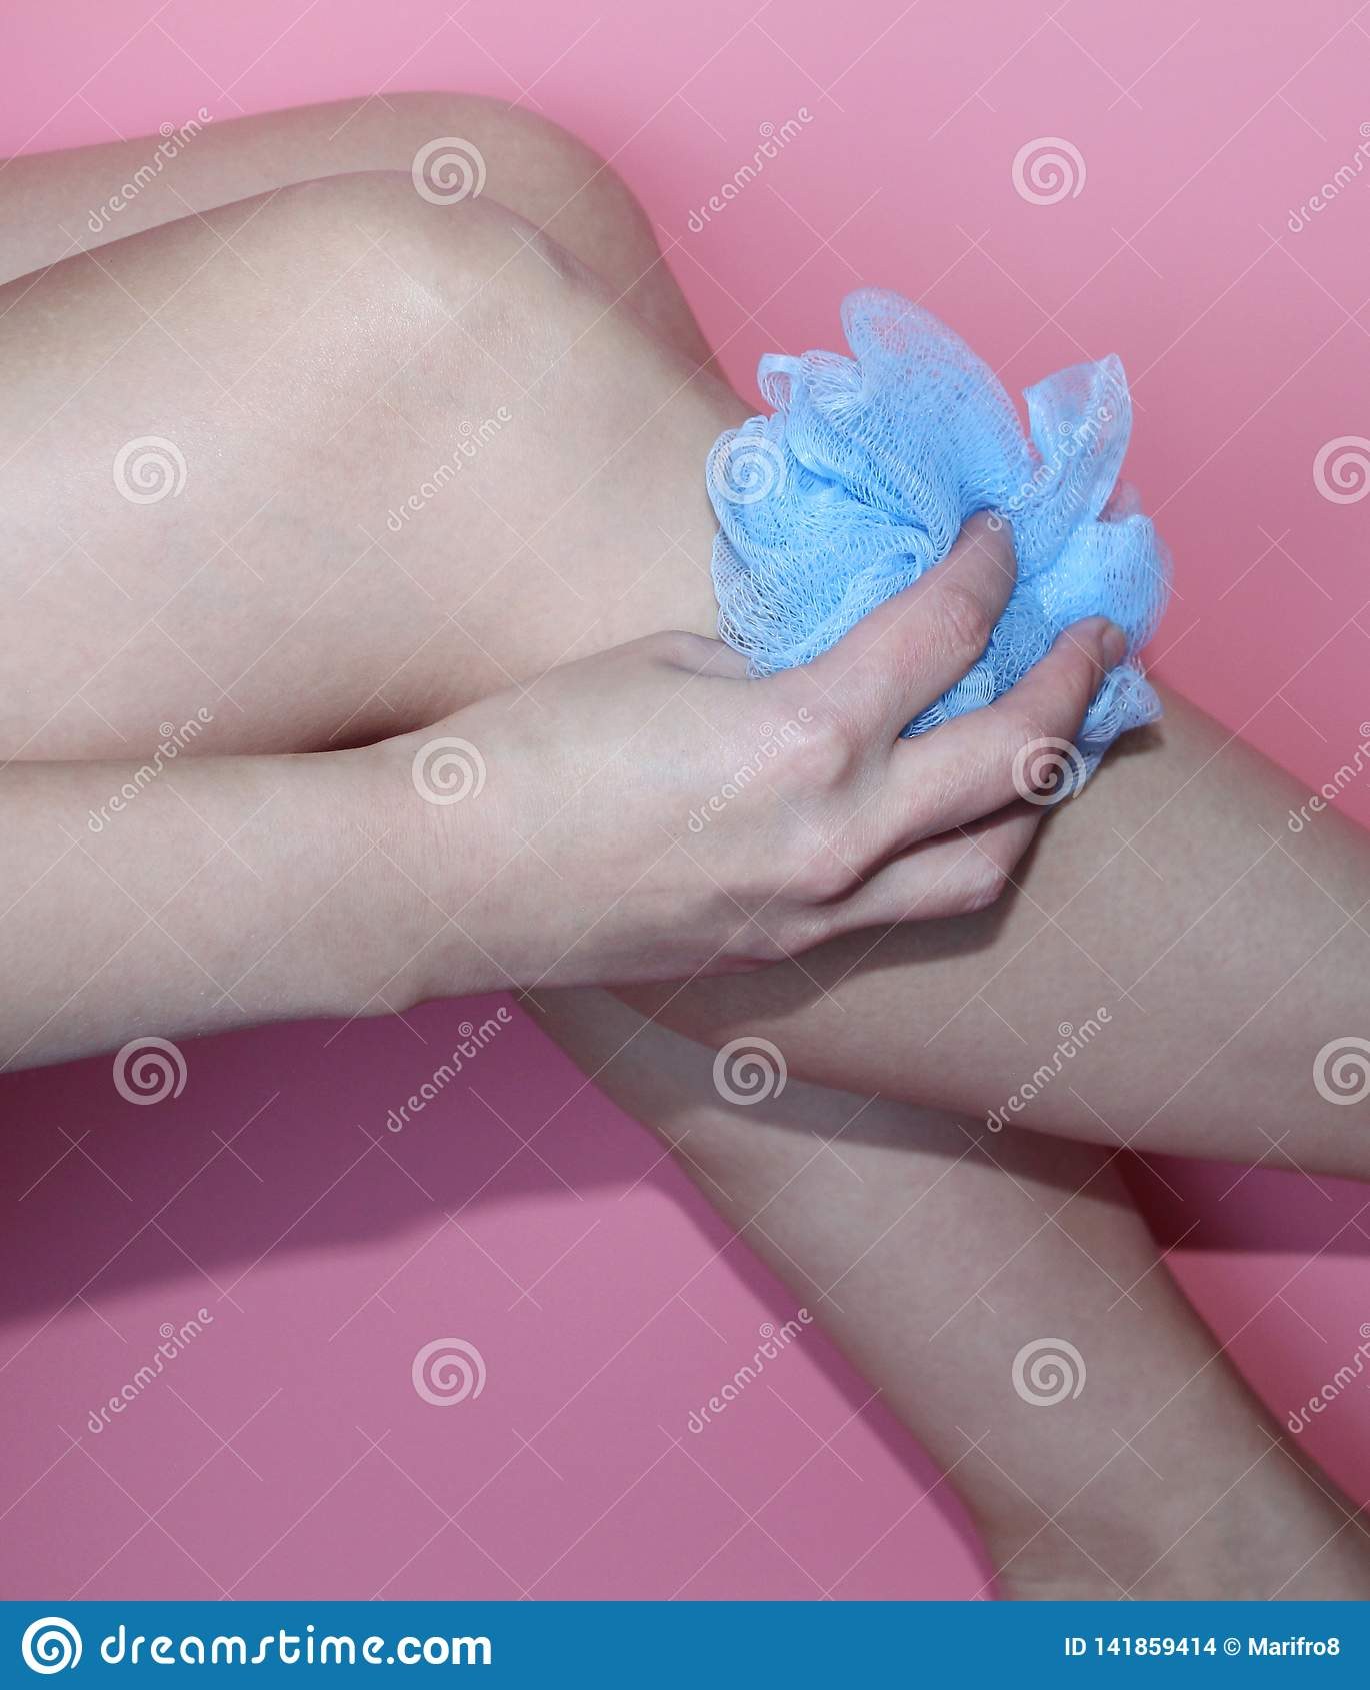 Schöne weibliche Hand, die einen blauen Waschlappen hält Rosa Hintergrund